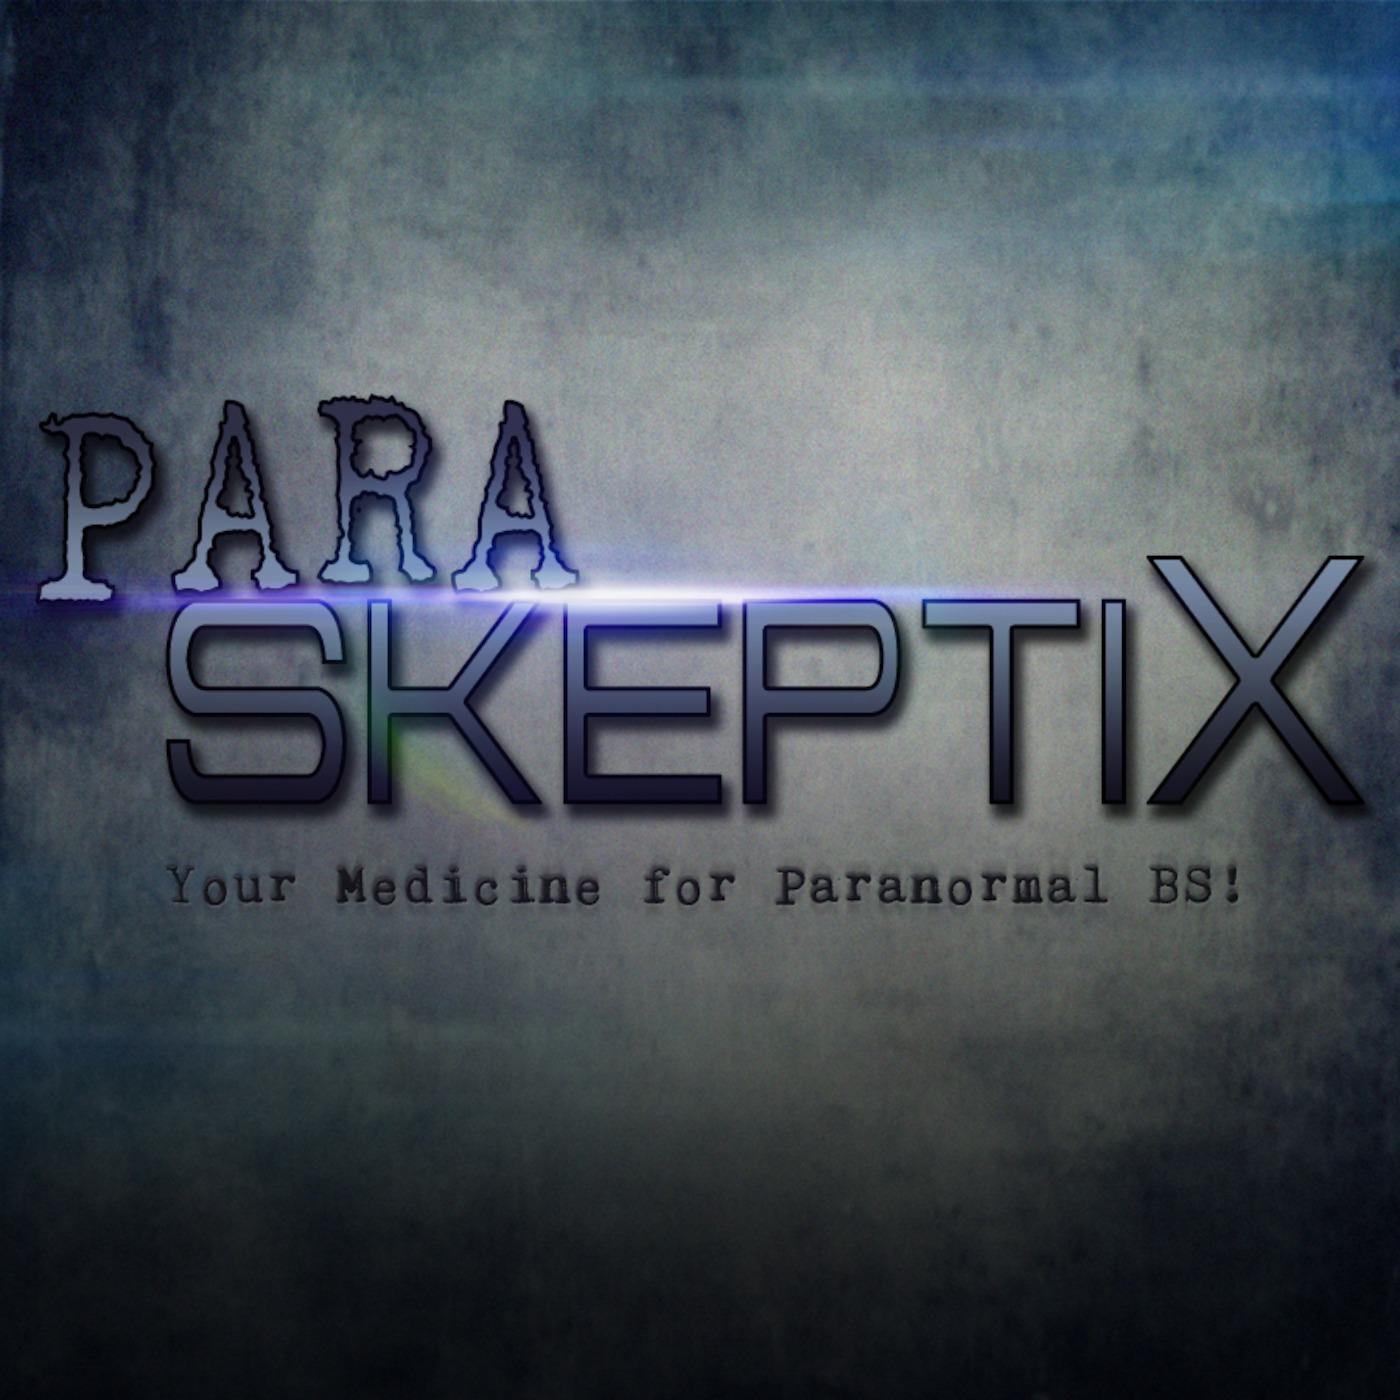 The Paraskeptix Show